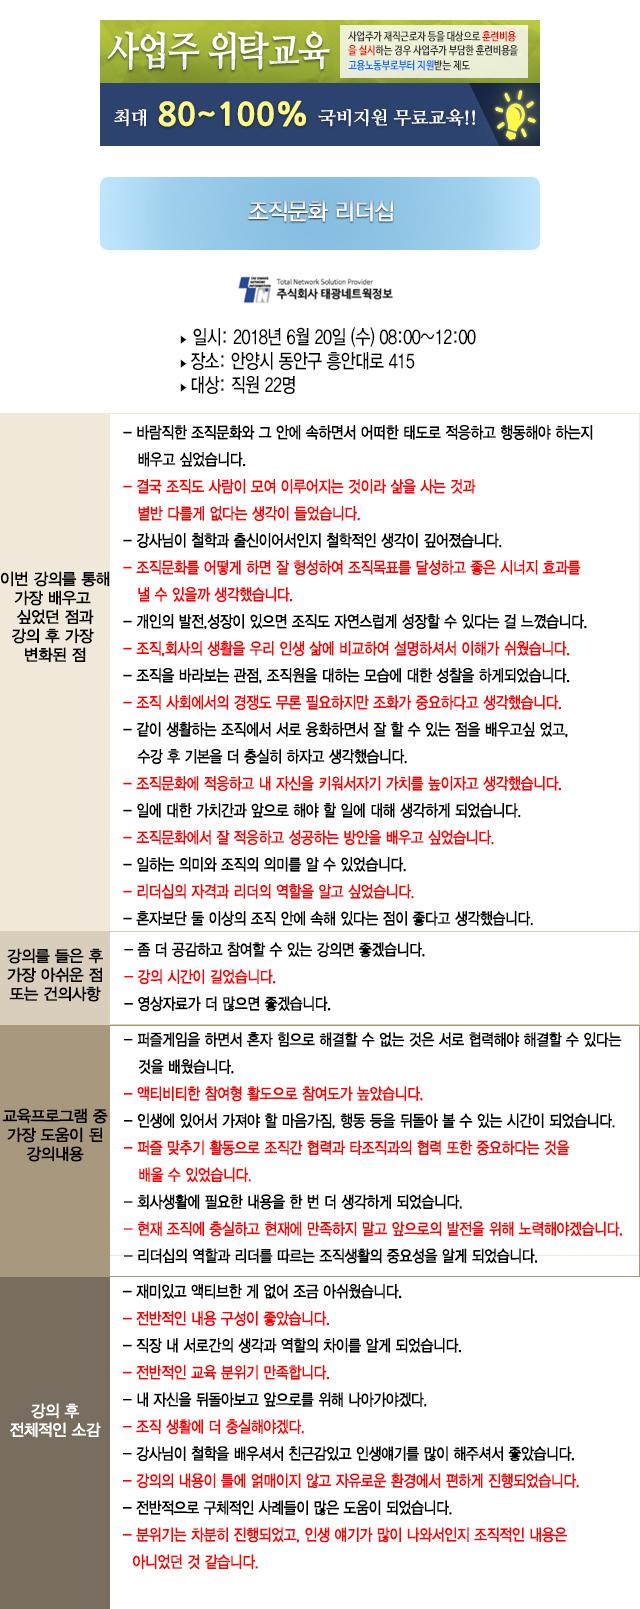 한국중앙인재개발원 후기 태광.jpg